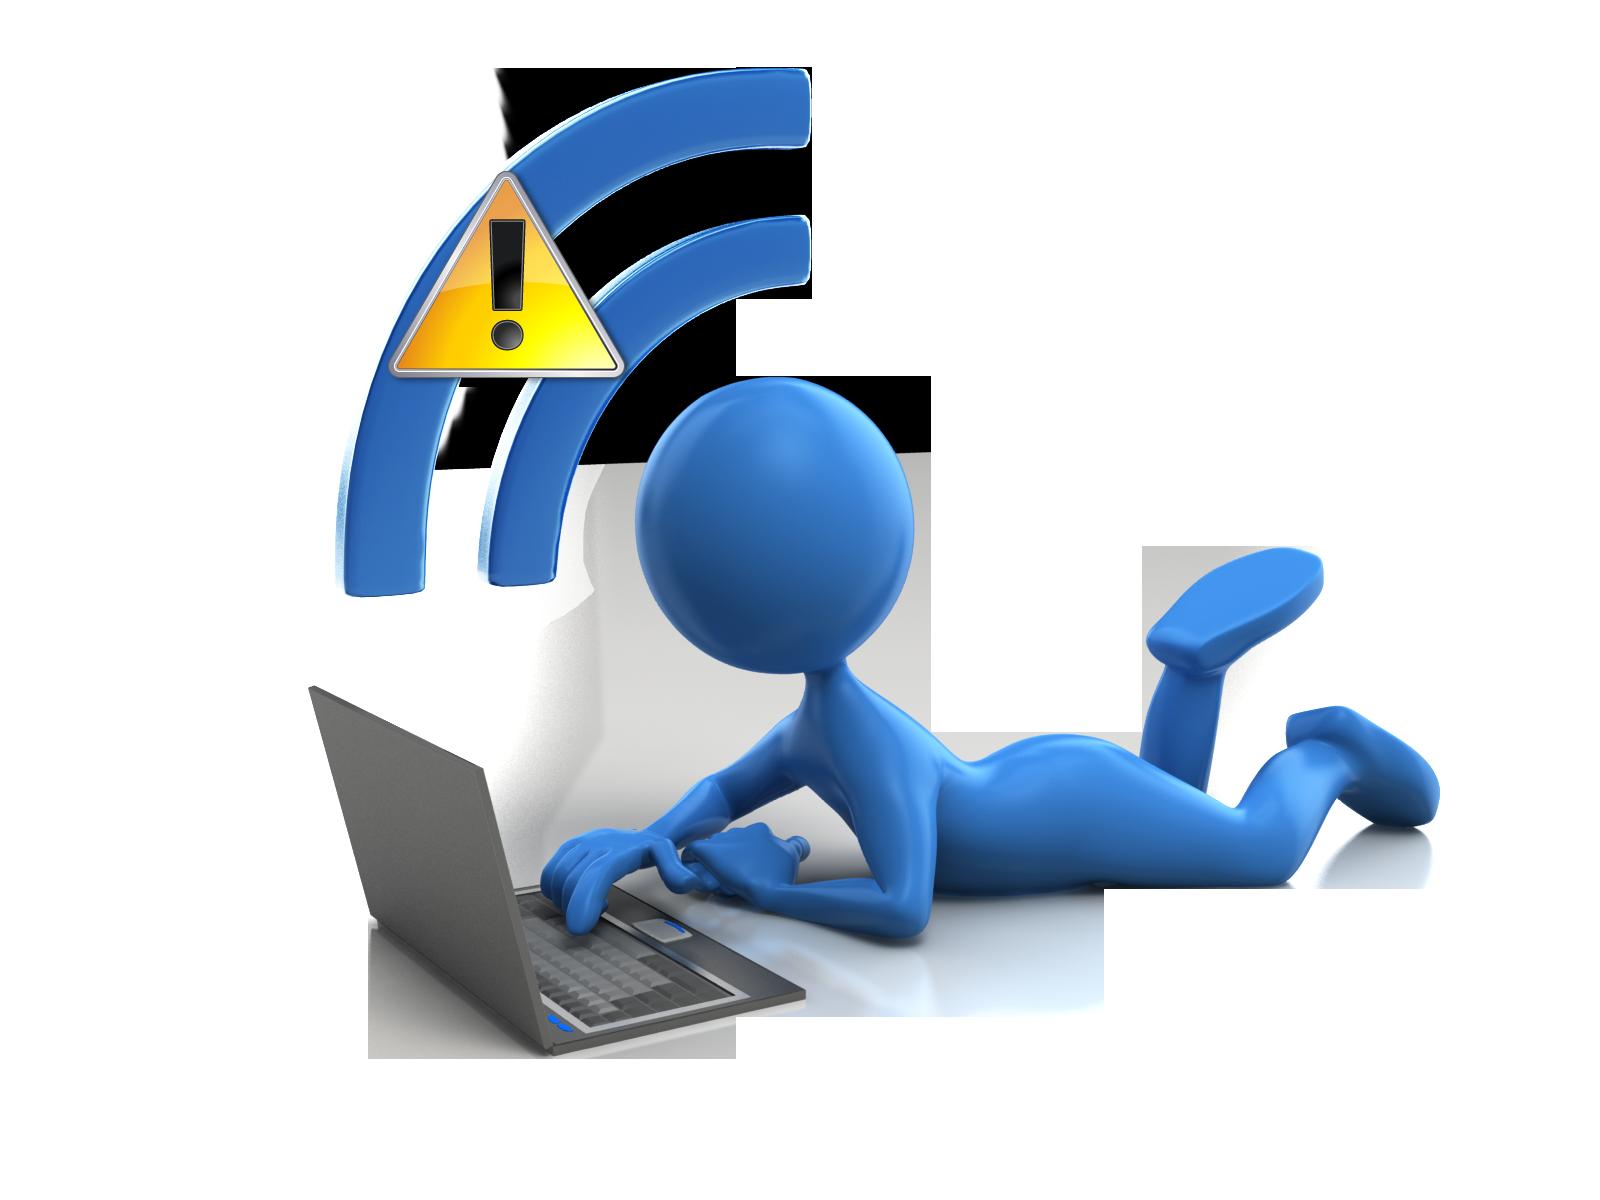 Internet clipart internet access, Internet internet access ...